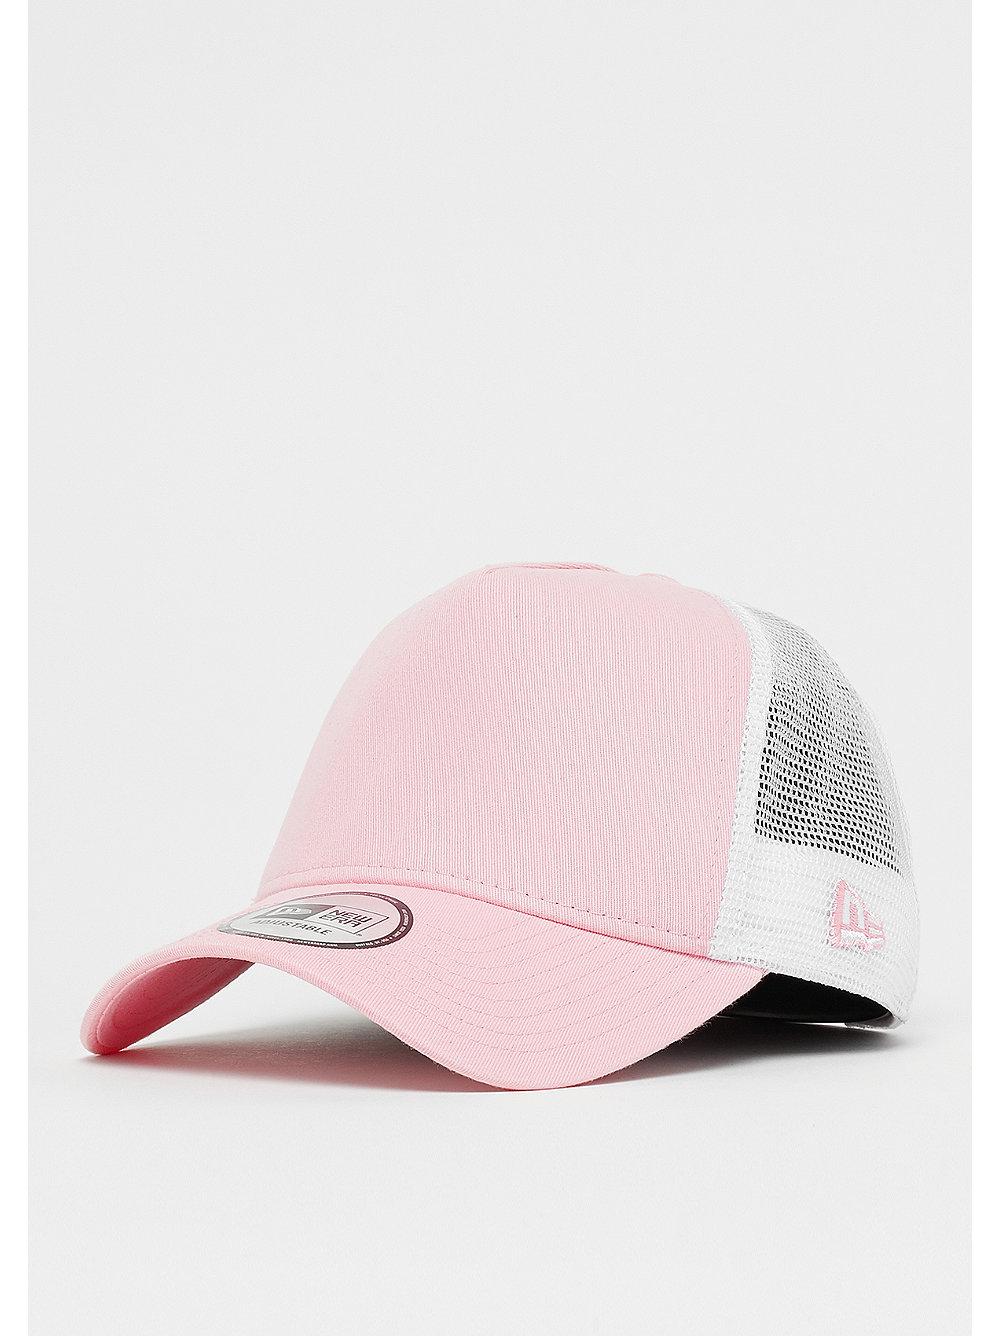 New Era 9Forty NE Trucker Pack pink